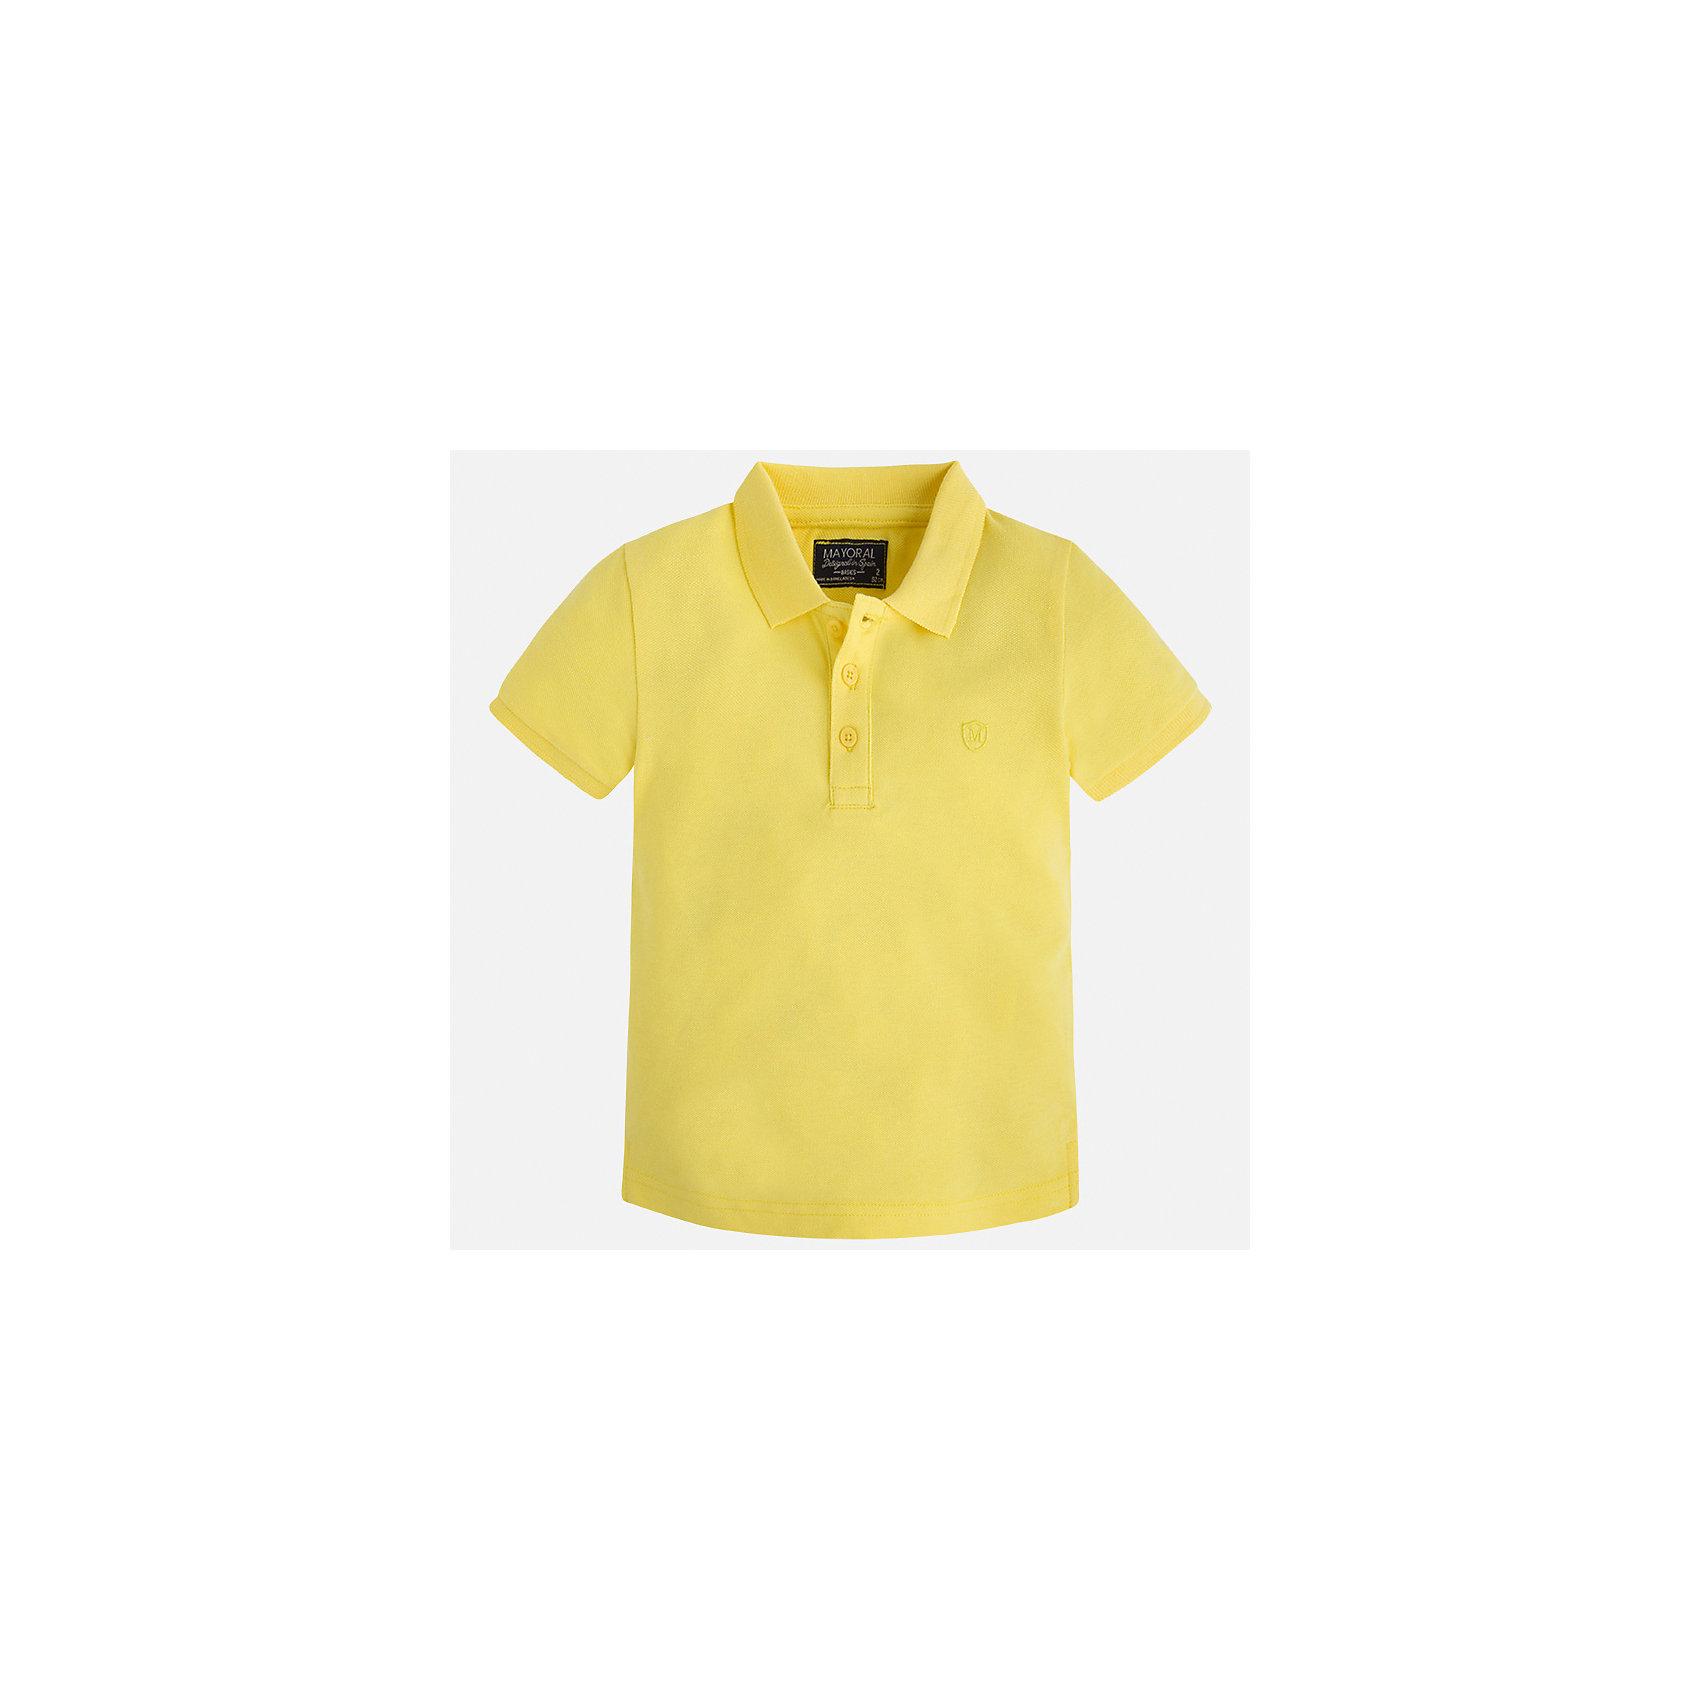 Рубашка-поло для мальчика MayoralХарактеристики товара:<br><br>• цвет: желтый<br>• состав: 100% хлопок<br>• отложной воротник<br>• короткие рукава<br>• застежка: пуговицы<br>• страна бренда: Испания<br><br>Стильная удобная футболка-поло для мальчика может стать базовой вещью в гардеробе ребенка. Она отлично сочетается с брюками, шортами, джинсами и т.д. Универсальный крой и цвет позволяет подобрать к вещи низ разных расцветок. Практичное и стильное изделие! В составе материала - только натуральный хлопок, гипоаллергенный, приятный на ощупь, дышащий.<br><br>Одежда, обувь и аксессуары от испанского бренда Mayoral полюбились детям и взрослым по всему миру. Модели этой марки - стильные и удобные. Для их производства используются только безопасные, качественные материалы и фурнитура. Порадуйте ребенка модными и красивыми вещами от Mayoral! <br><br>Футболку-поло для мальчика от испанского бренда Mayoral (Майорал) можно купить в нашем интернет-магазине.<br><br>Ширина мм: 230<br>Глубина мм: 40<br>Высота мм: 220<br>Вес г: 250<br>Цвет: желтый<br>Возраст от месяцев: 18<br>Возраст до месяцев: 24<br>Пол: Мужской<br>Возраст: Детский<br>Размер: 92,134,128,122,116,110,104,98<br>SKU: 5277749